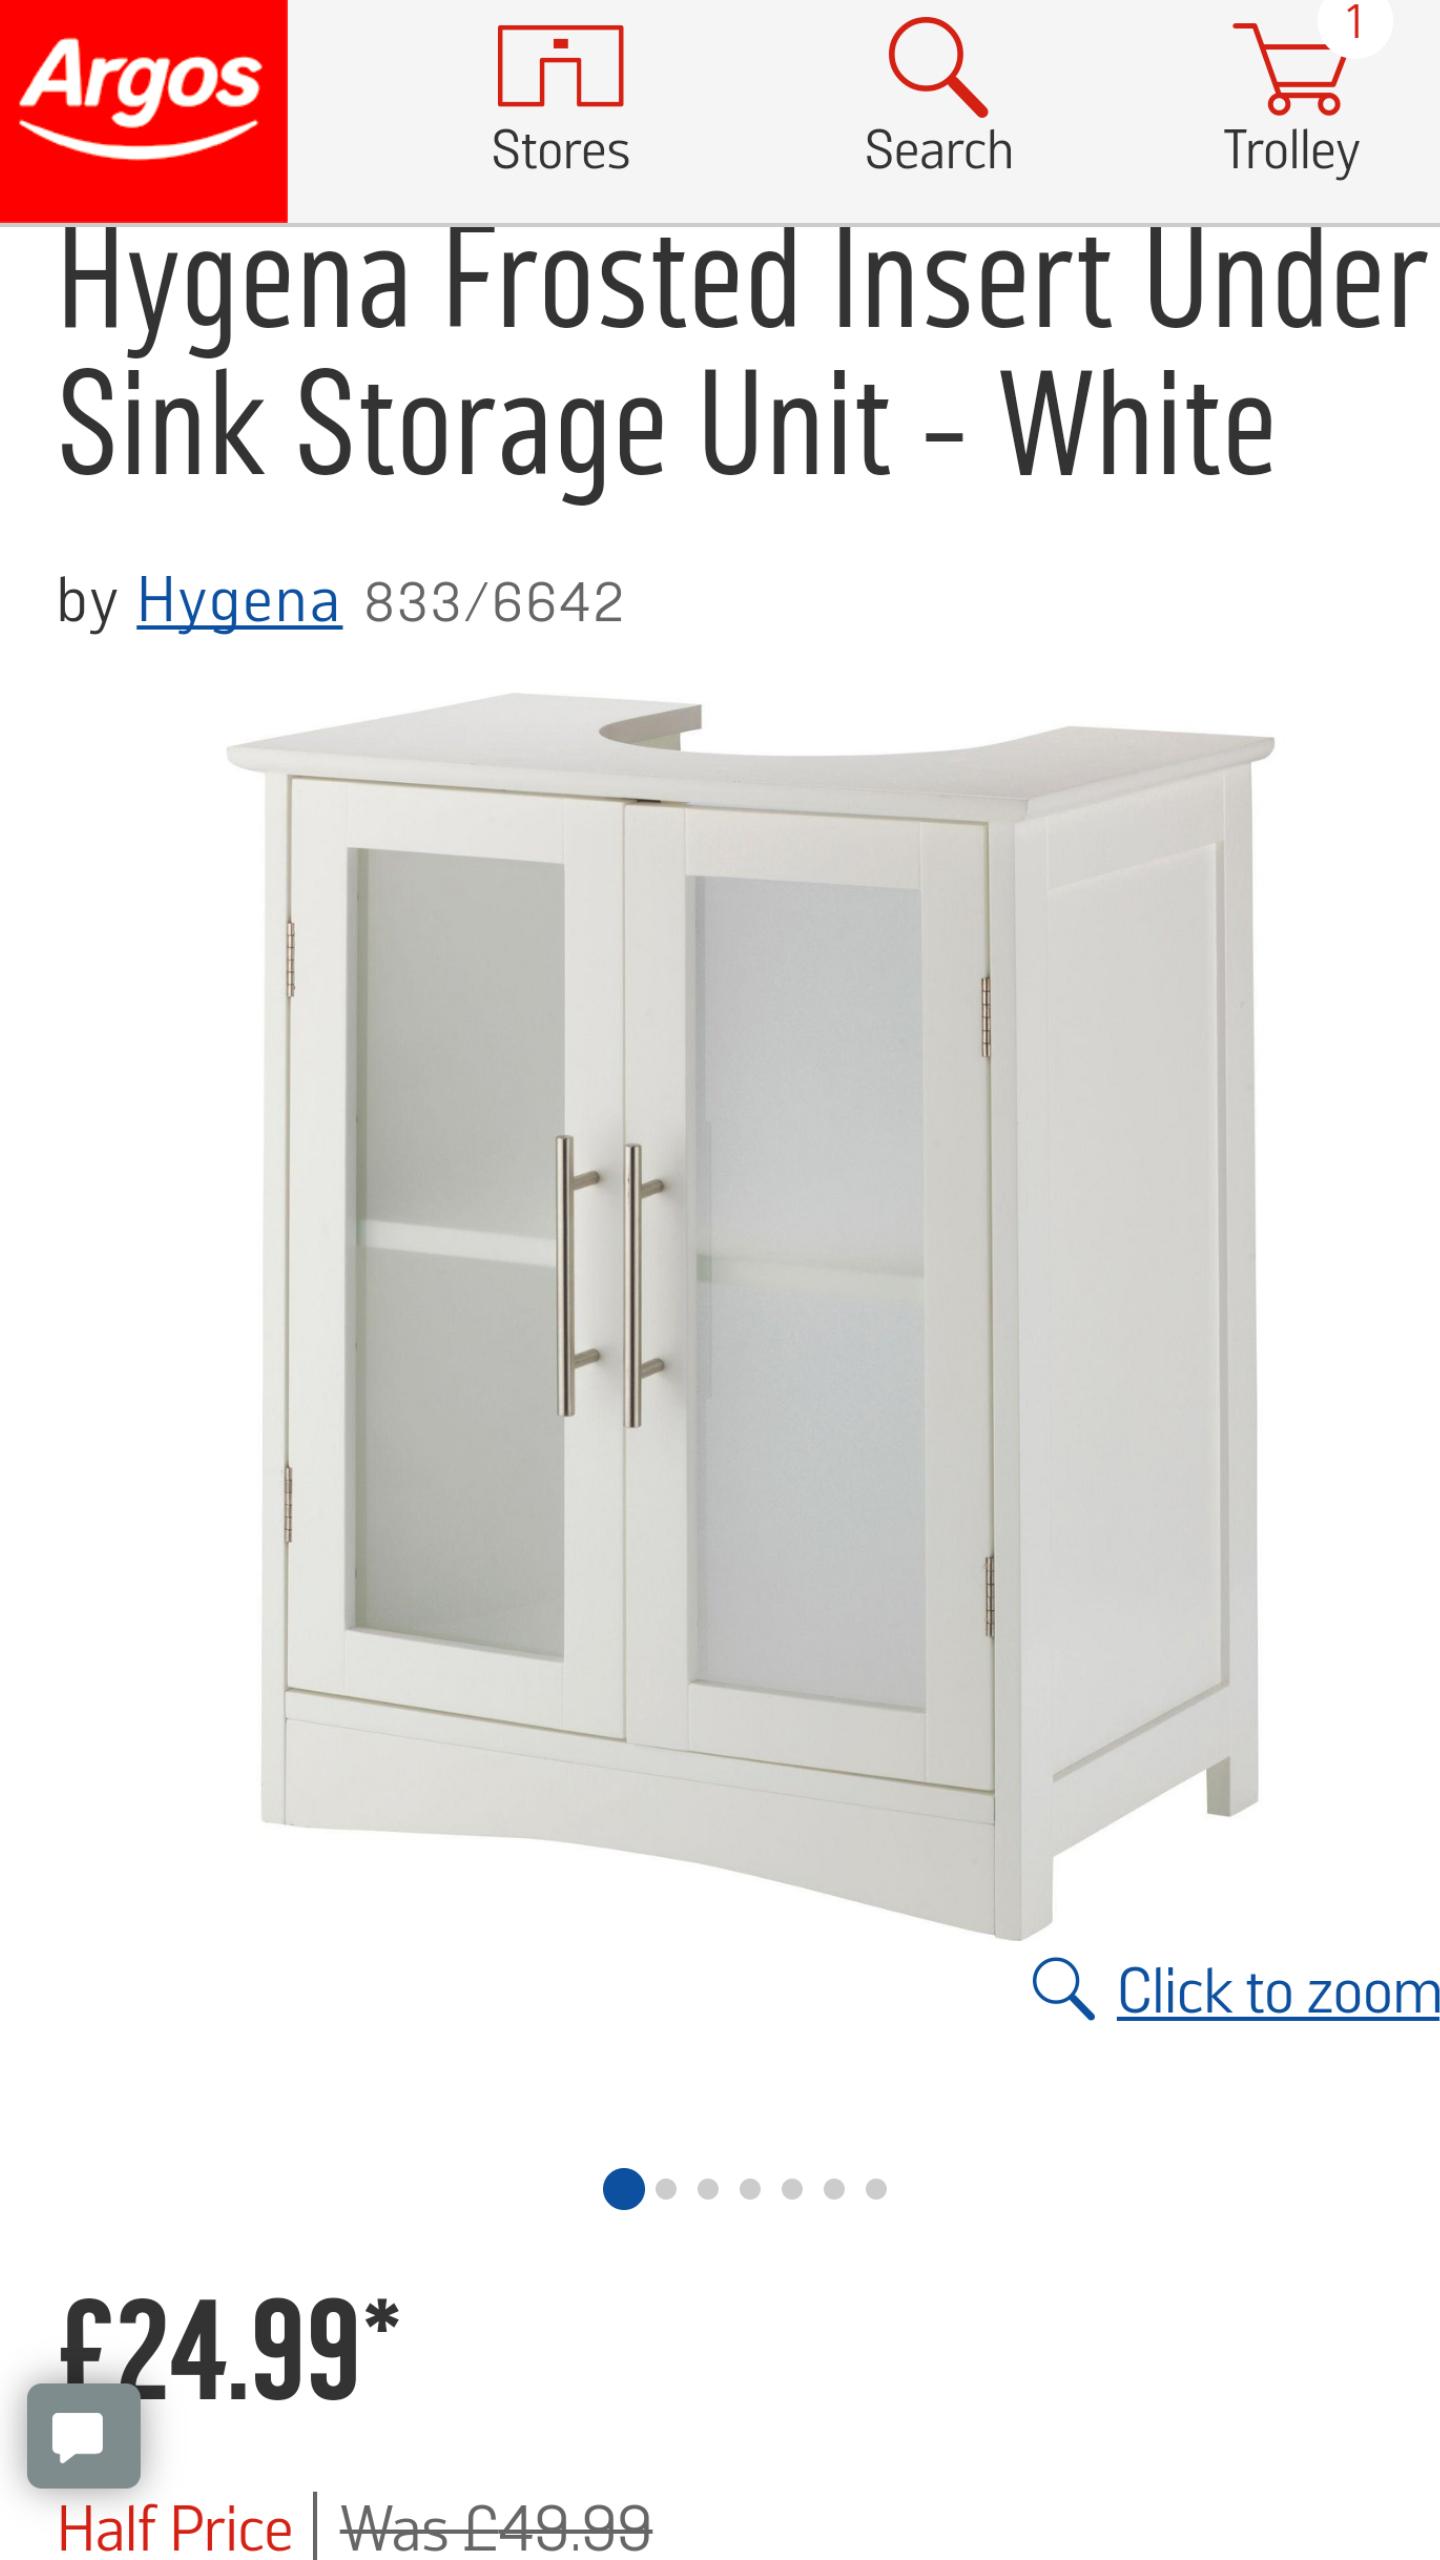 Argos - Hygena Frosted Insert Under Sink Storage Unit - White - £24.99